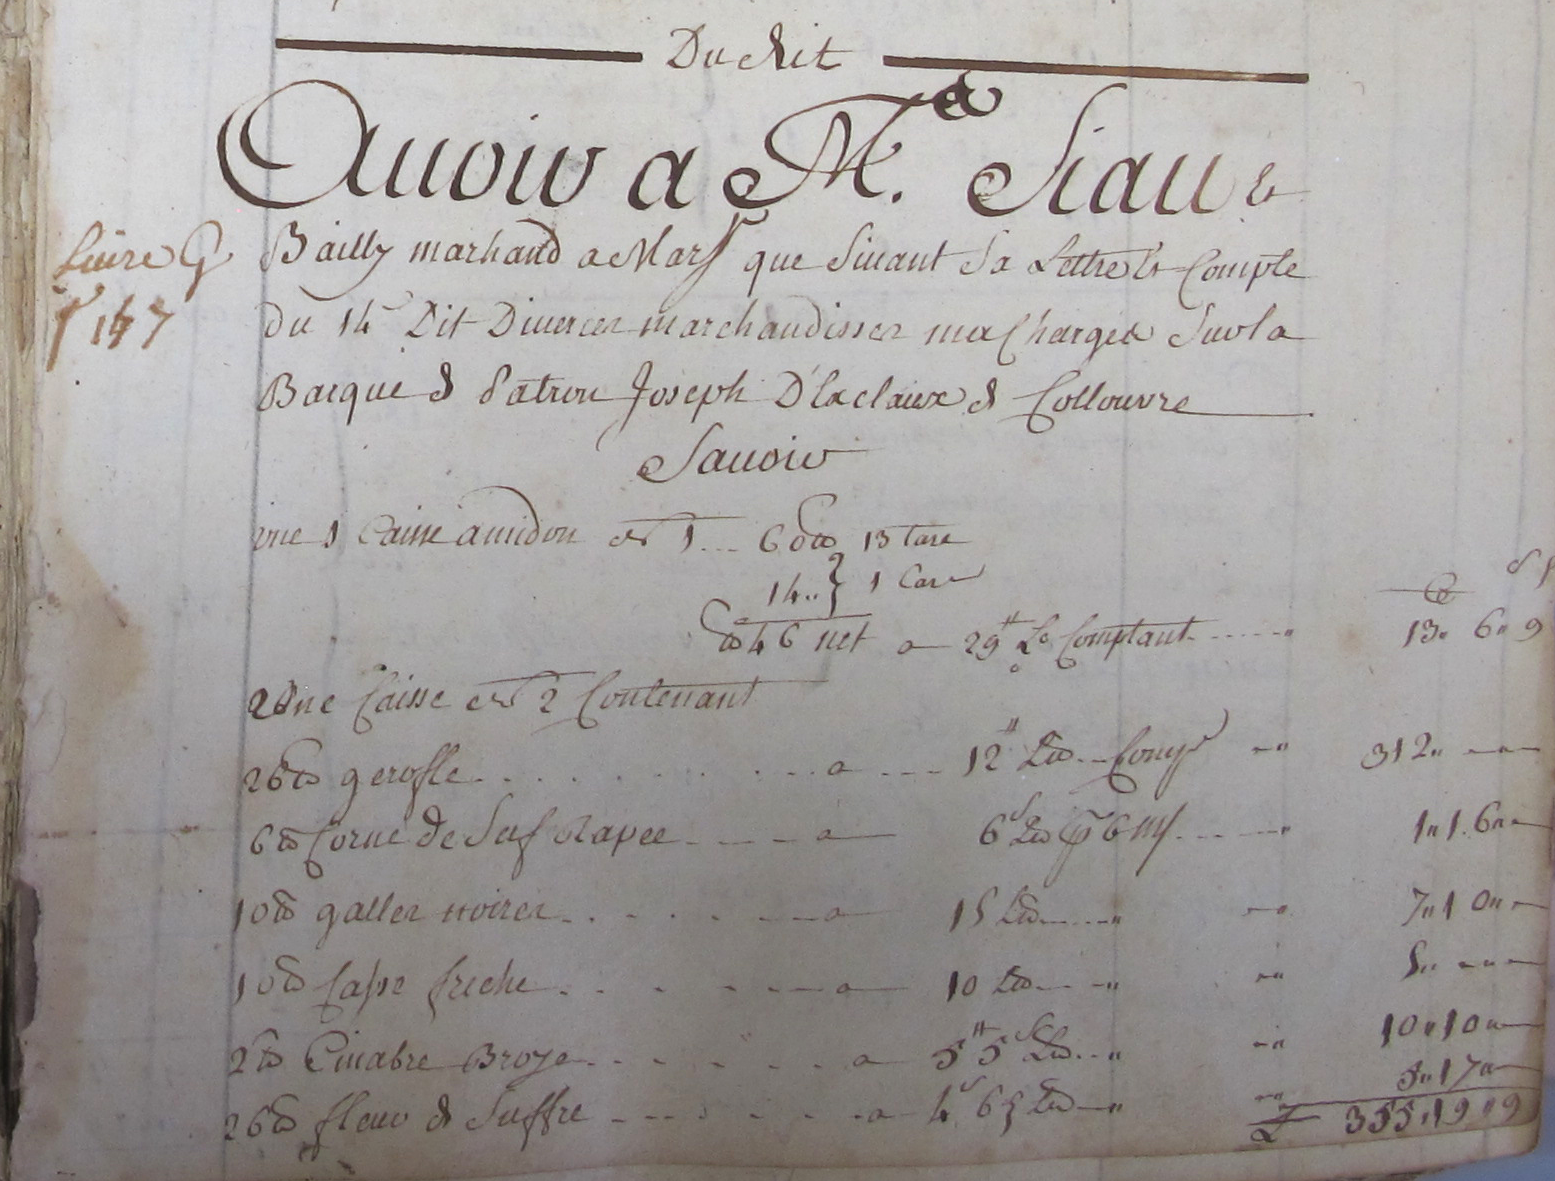 Archives Départementales des Pyrénées Orientales- livres d'achat de la Veuve Rey, premier volume 1748-1760, coté 1J 426 /1 - Folio 9